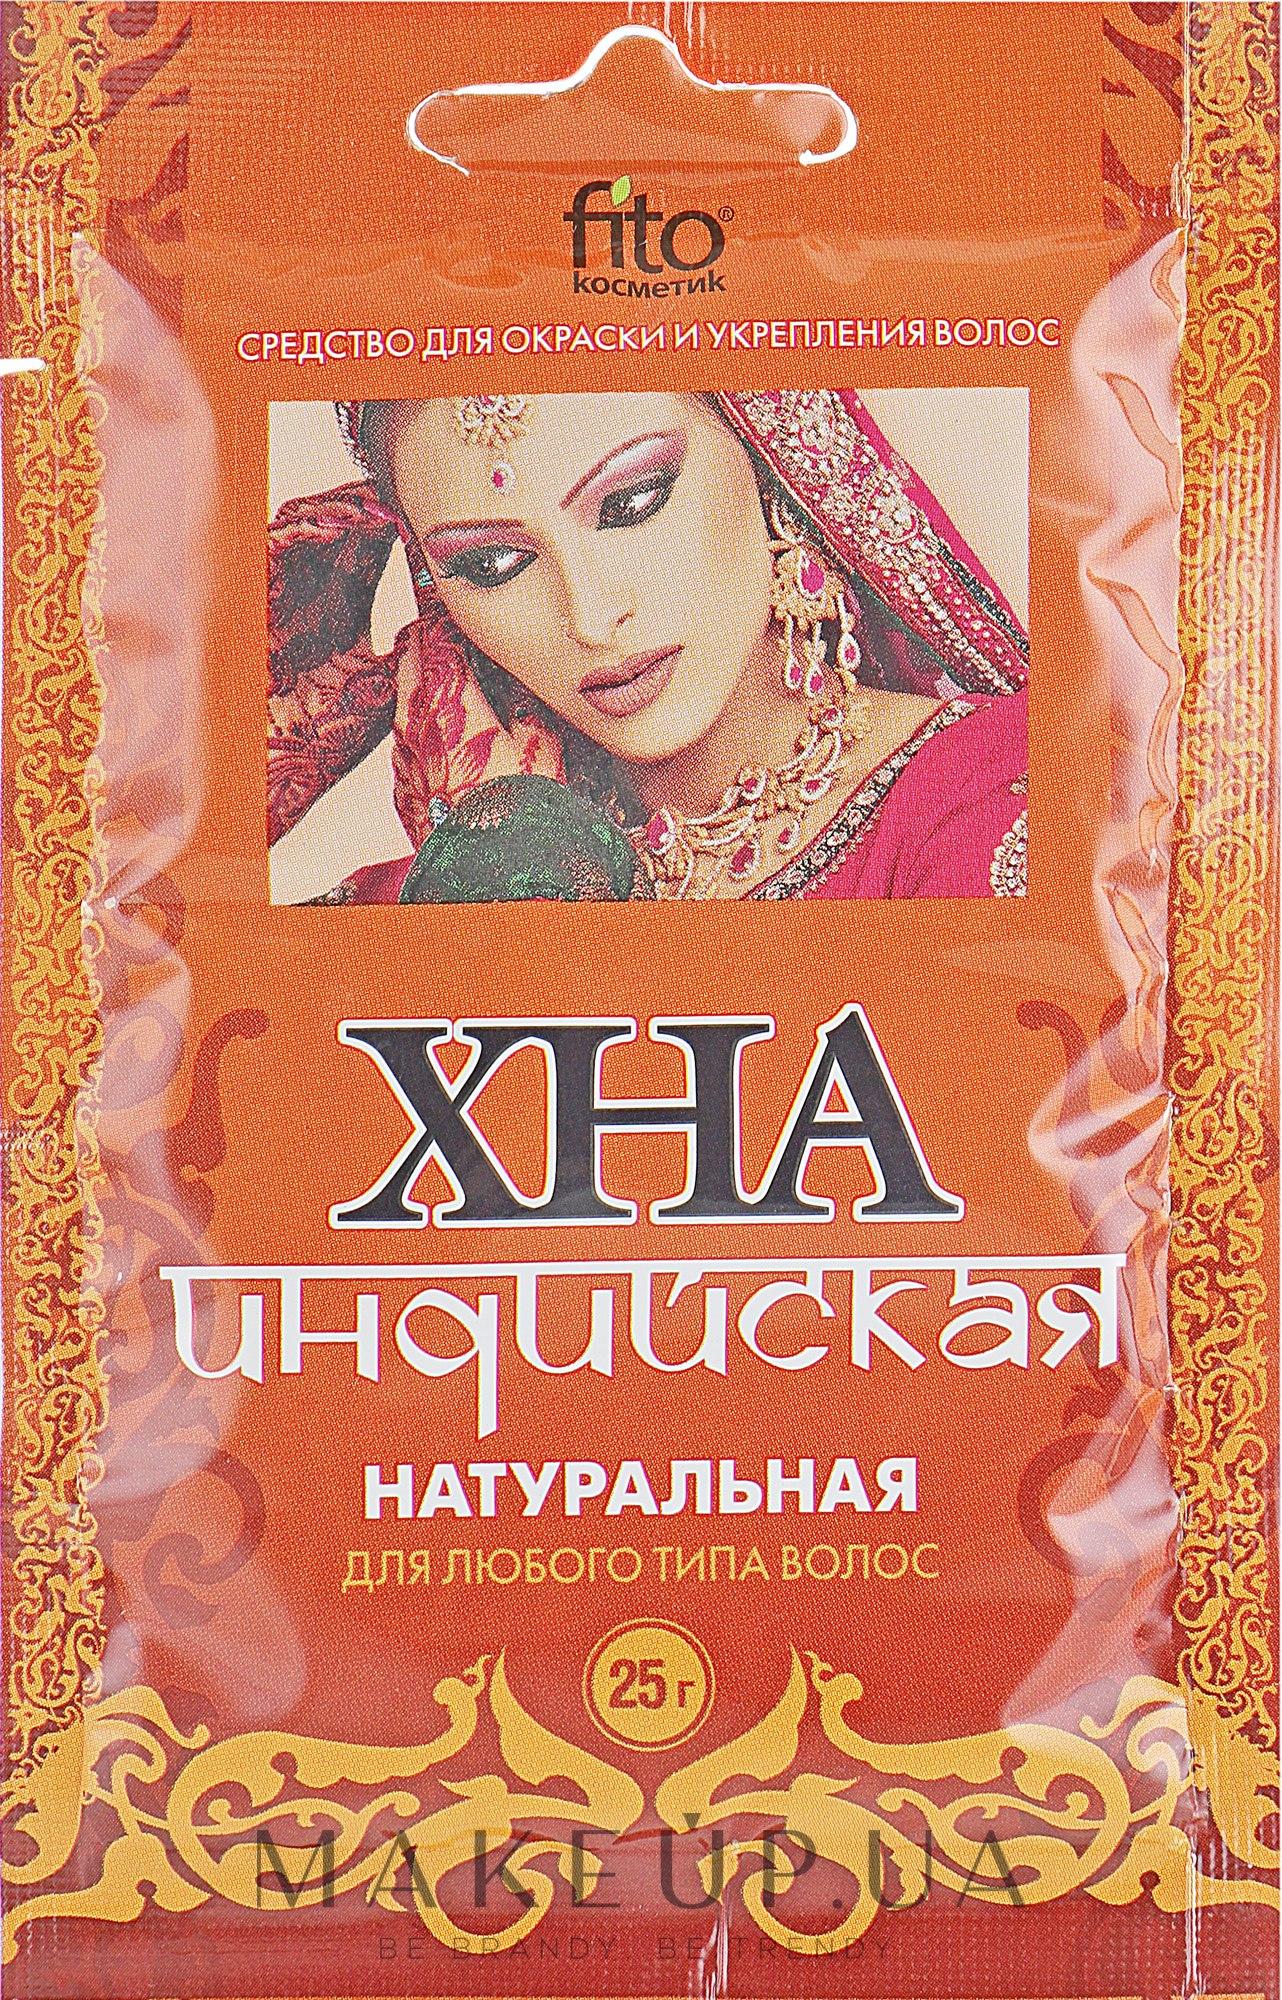 Купить индийскую косметику москва где в спб купить косметику фаберлик